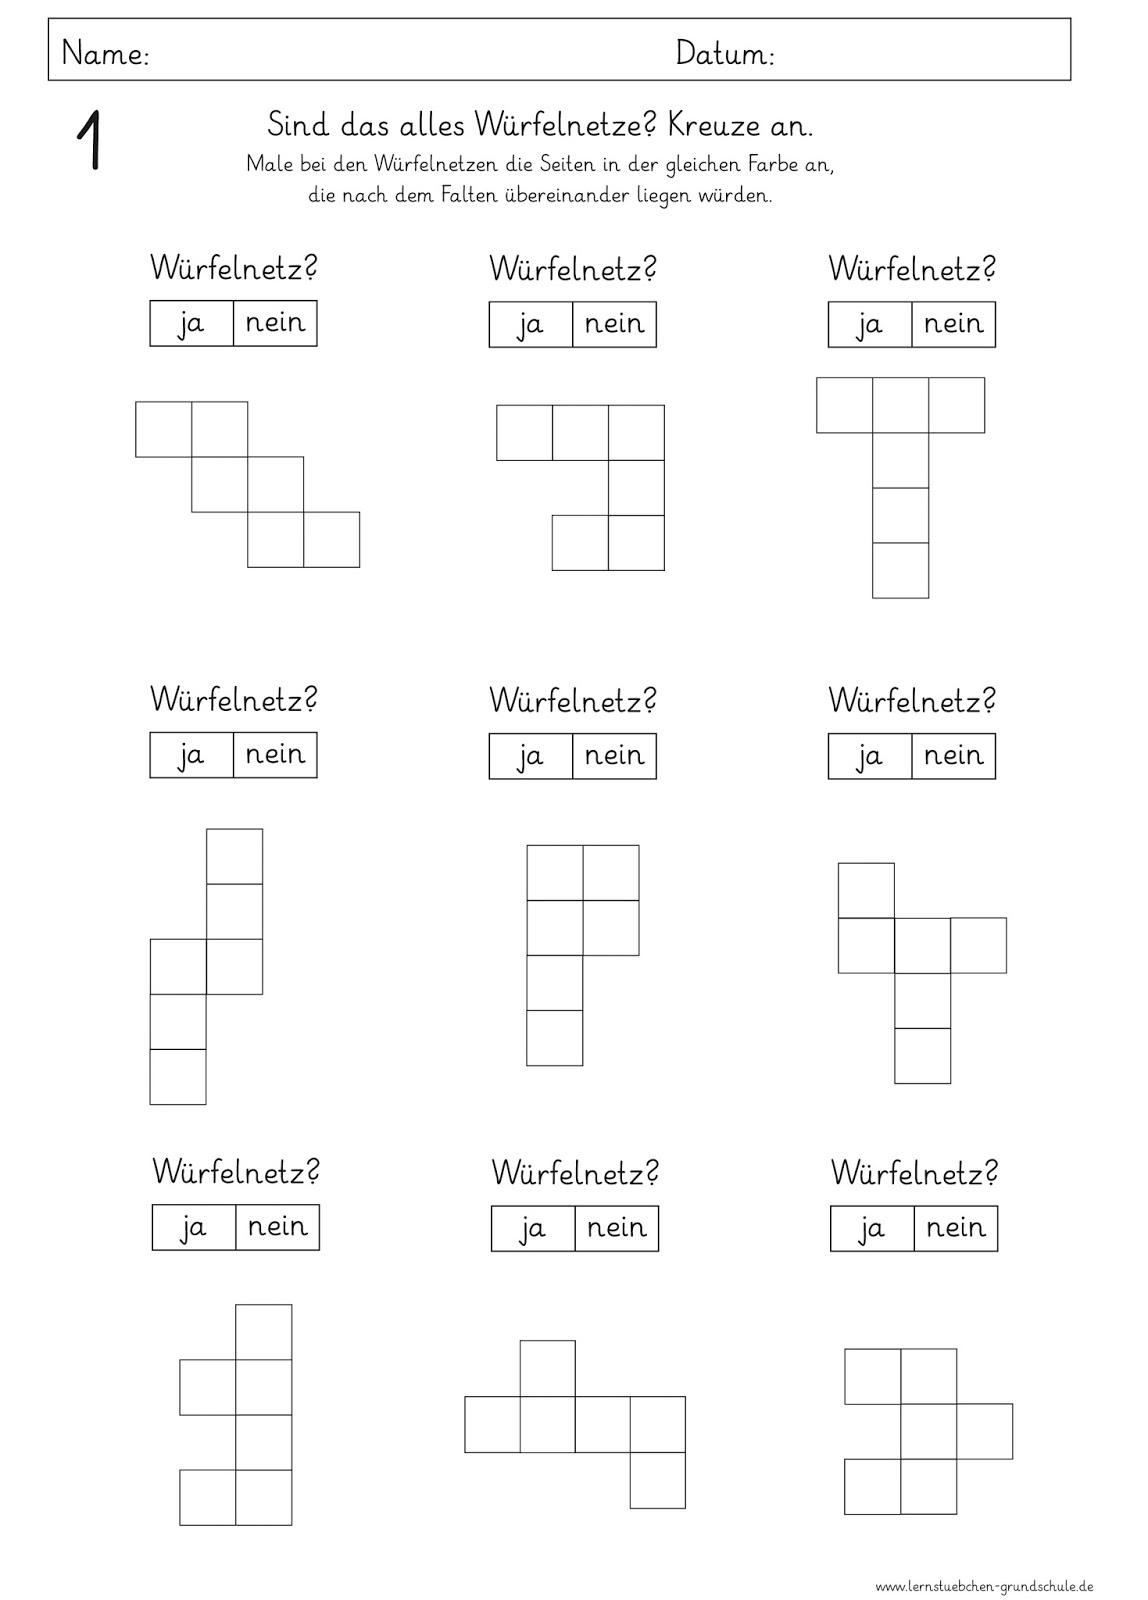 Ausgezeichnet Mathe Multiplikation Arbeitsblatt Generator Galerie ...